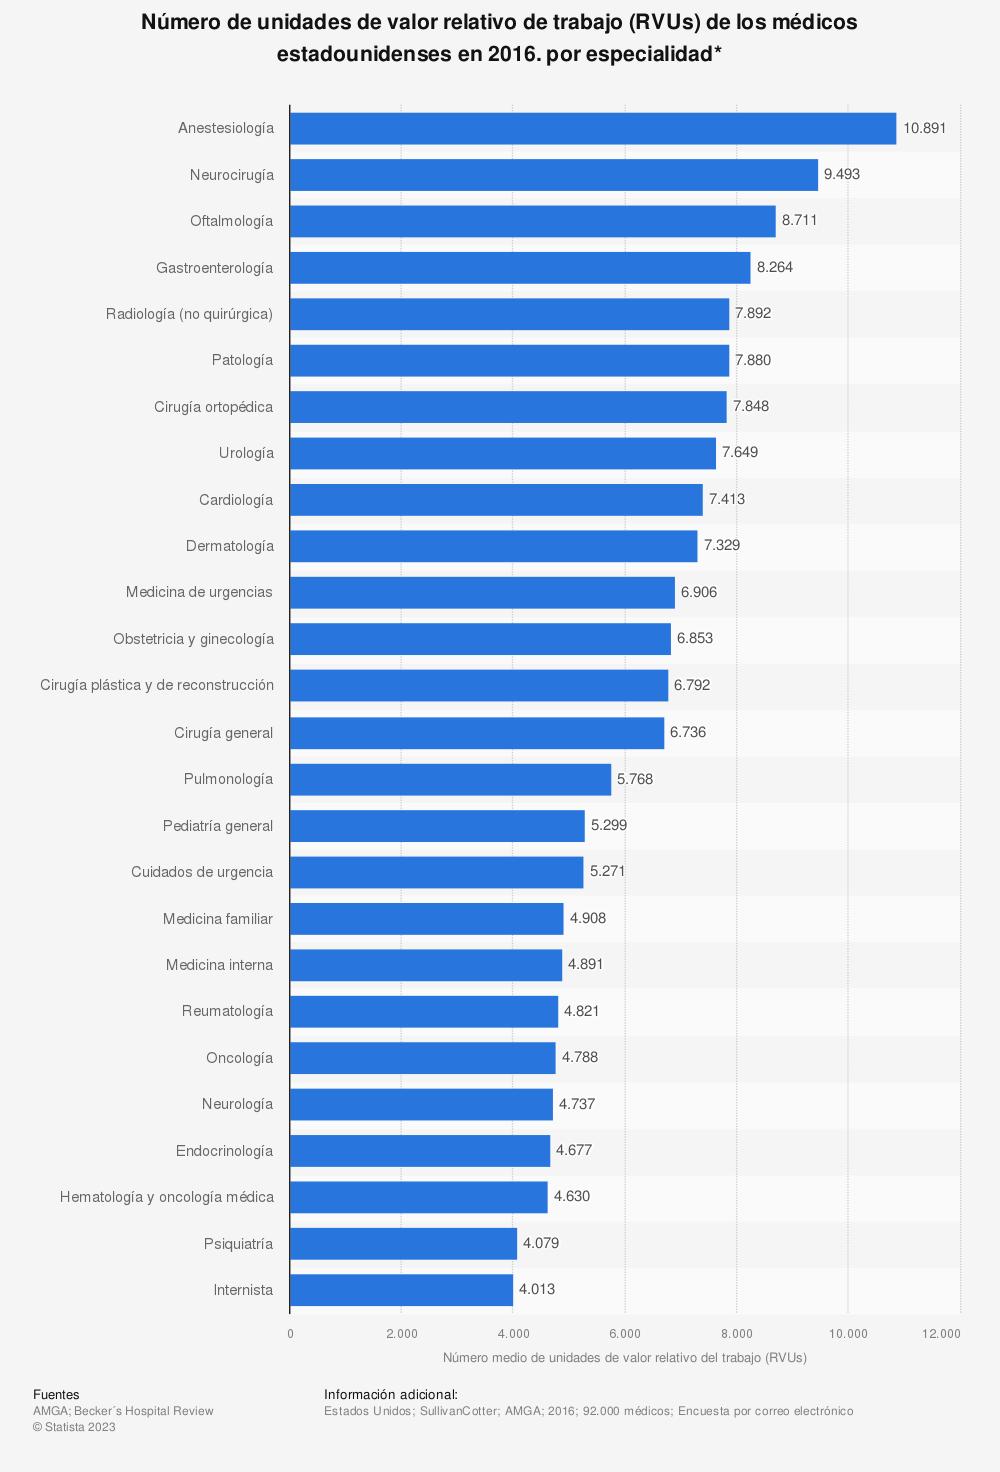 Estadística: Número de unidades de valor relativo de trabajo (RVUs) de los médicos estadounidenses en 2016. por especialidad* | Statista